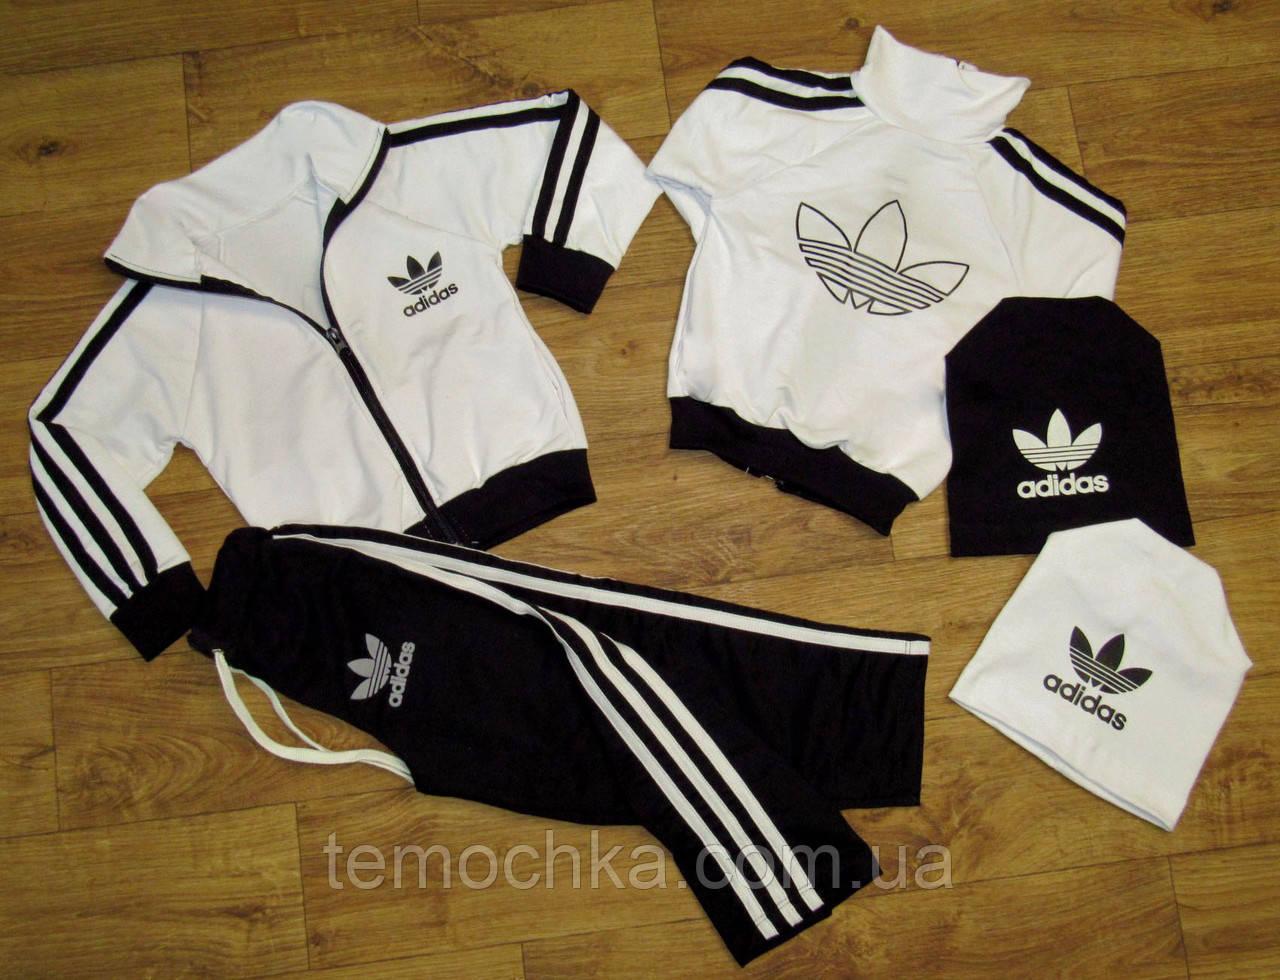 Спортивный детский костюм Adidas